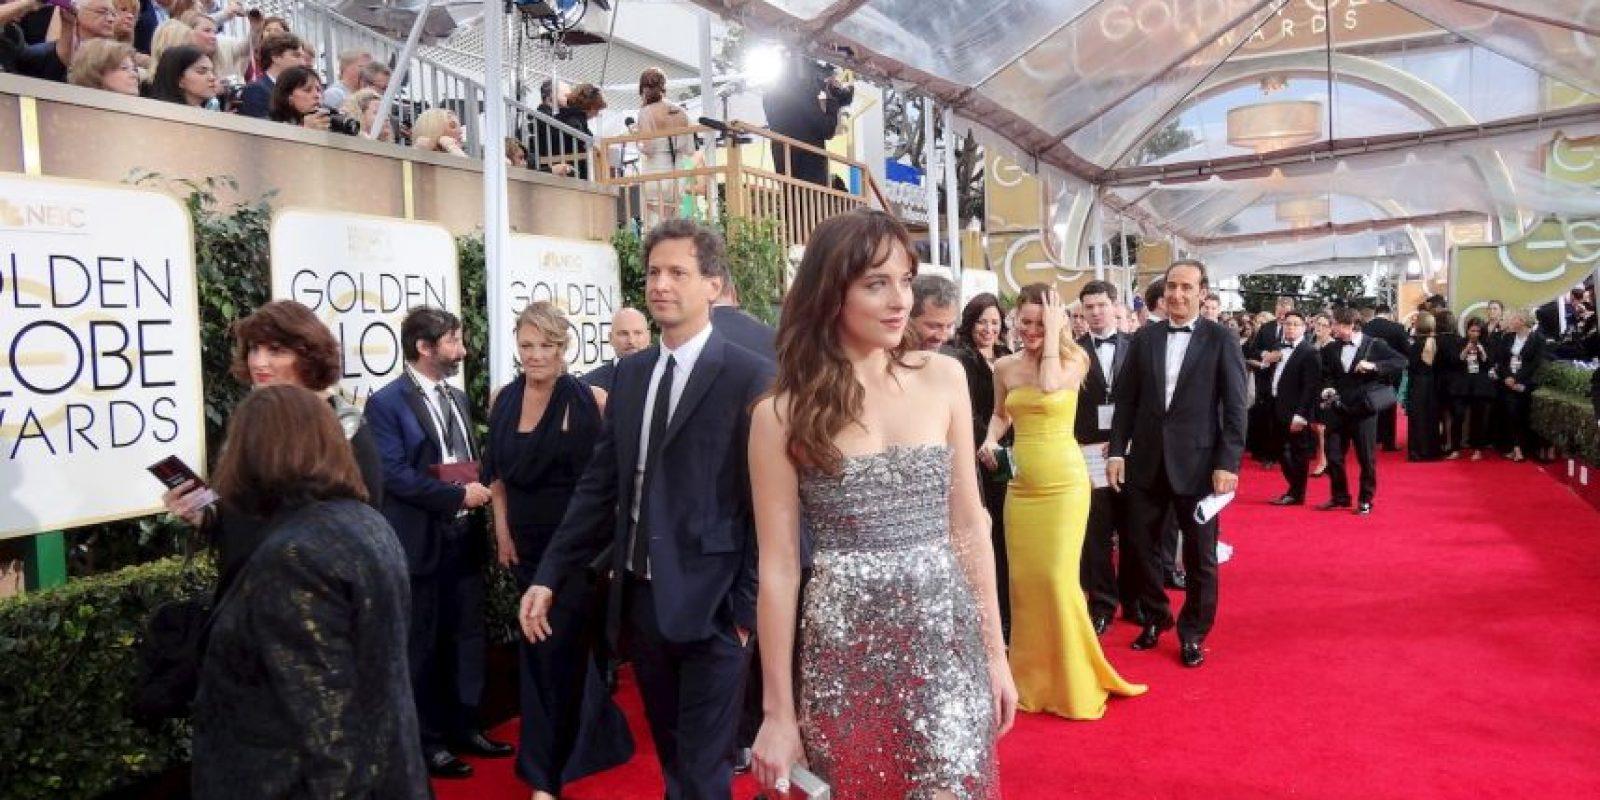 """Dakota Johnson, hija de Melanie Griffith y Don Johnson, coprotagonista de """"50 Shades of Grey hace su entrada por la Alfombra Roja. El tráiler de la película ha sido visto 50 millones de veces. Foto:J. Melnick desde Los Ángeles para Metro"""